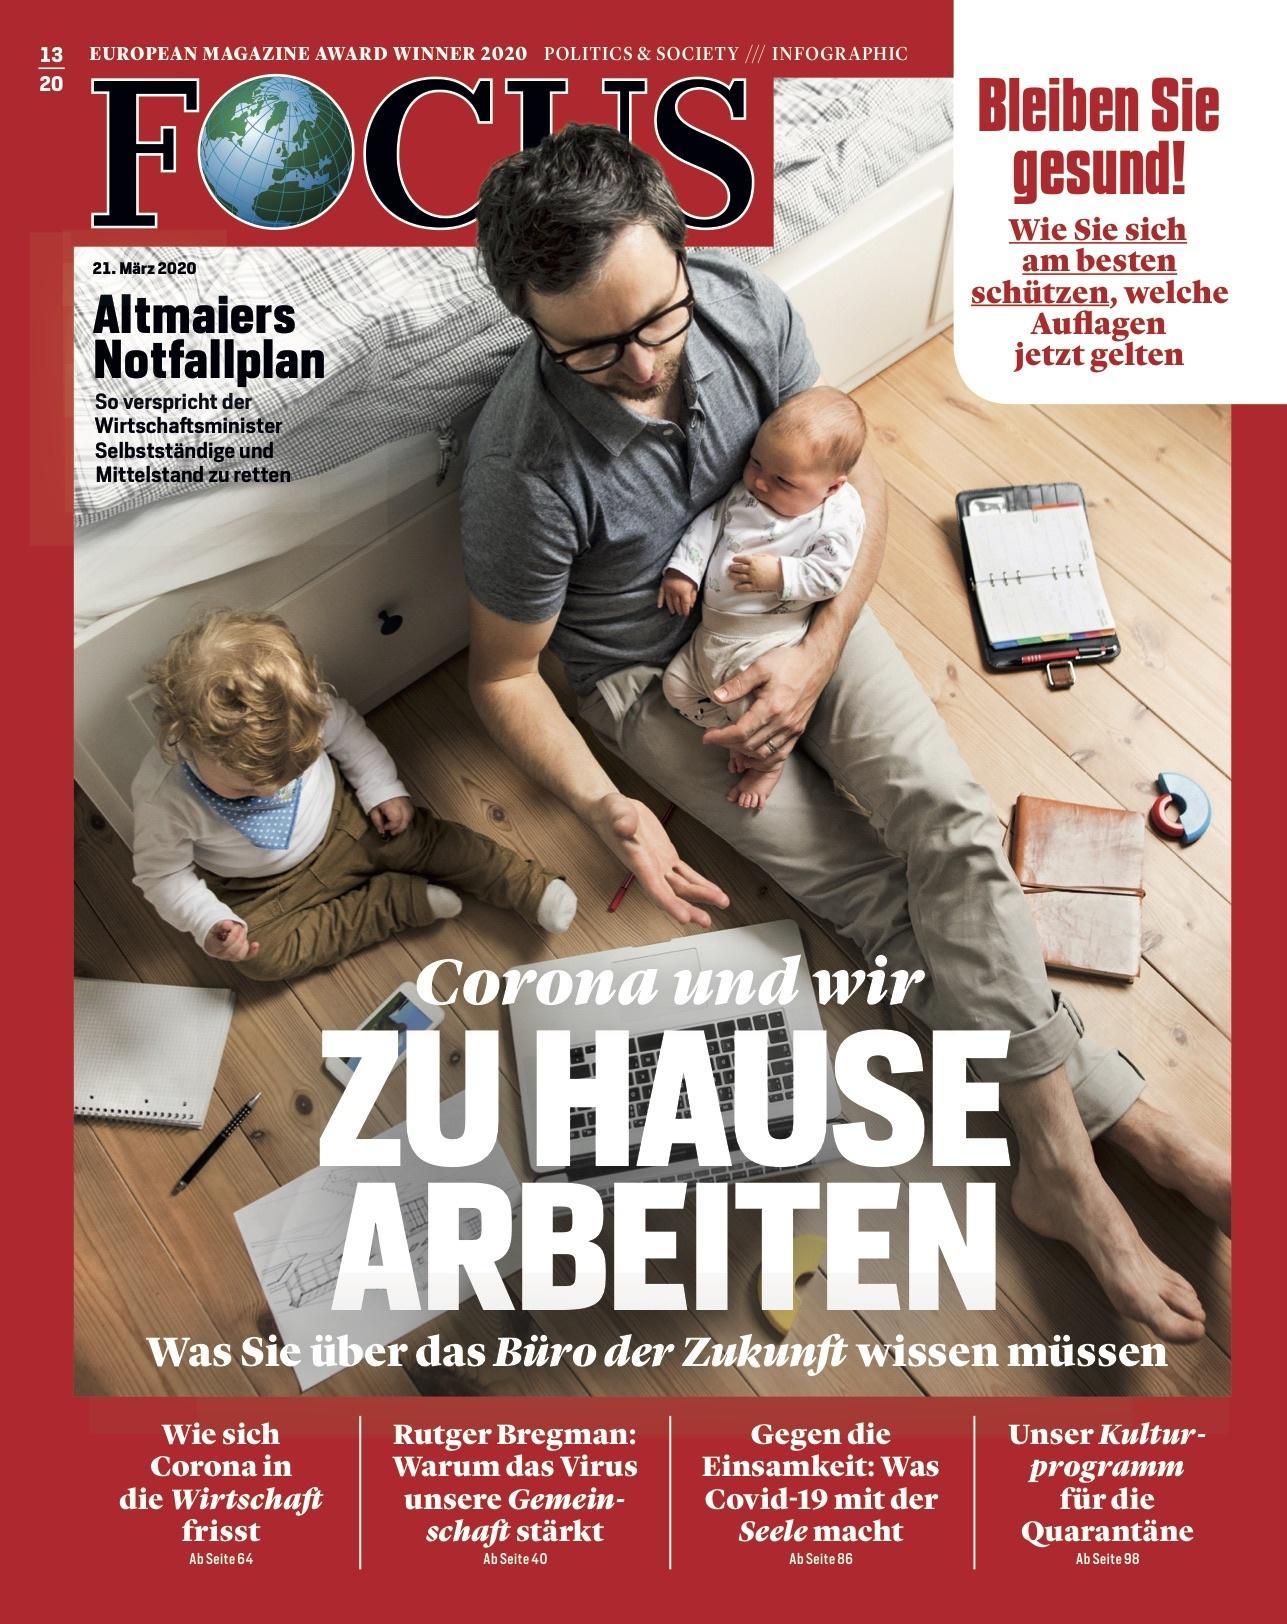 FOCUS Magazin FOCUS Magazin - Zu Hause arbeiten